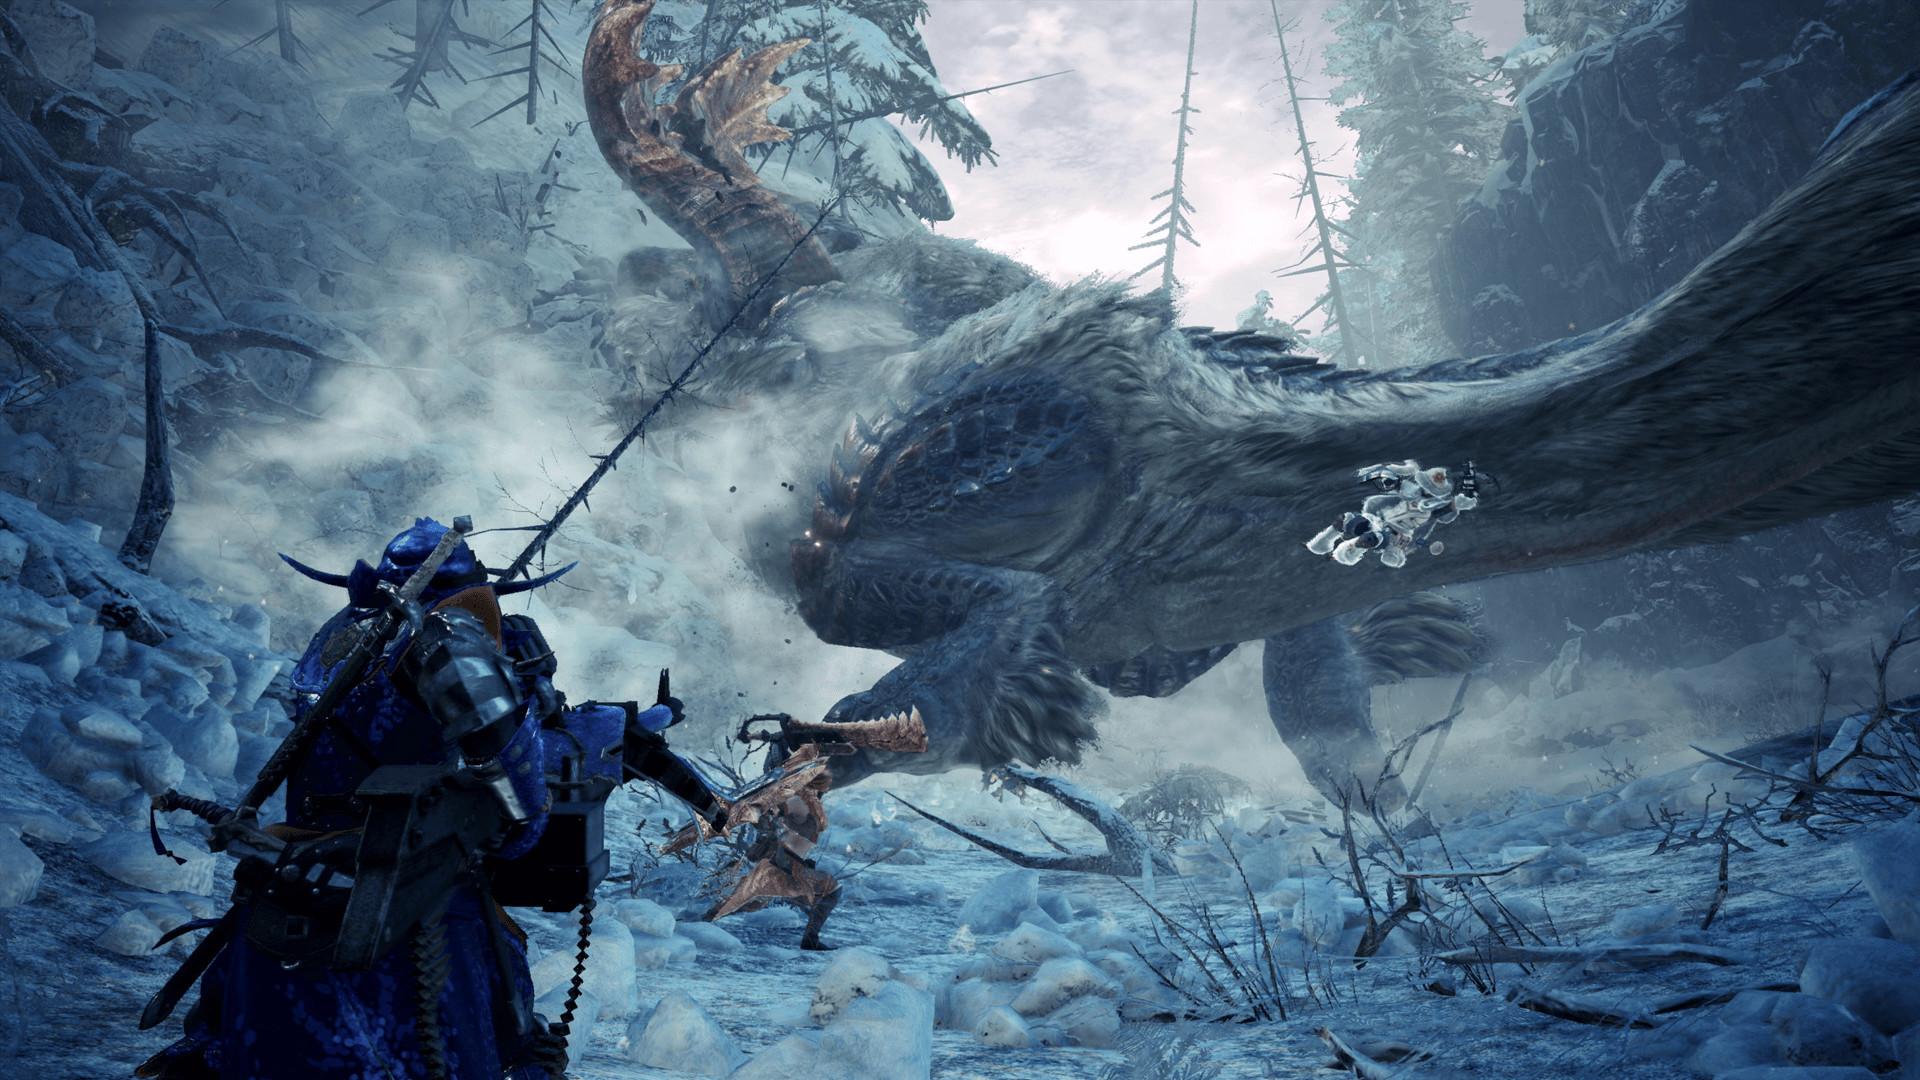 سی دی کی اریجینال استیم Monster Hunter: World - Iceborne